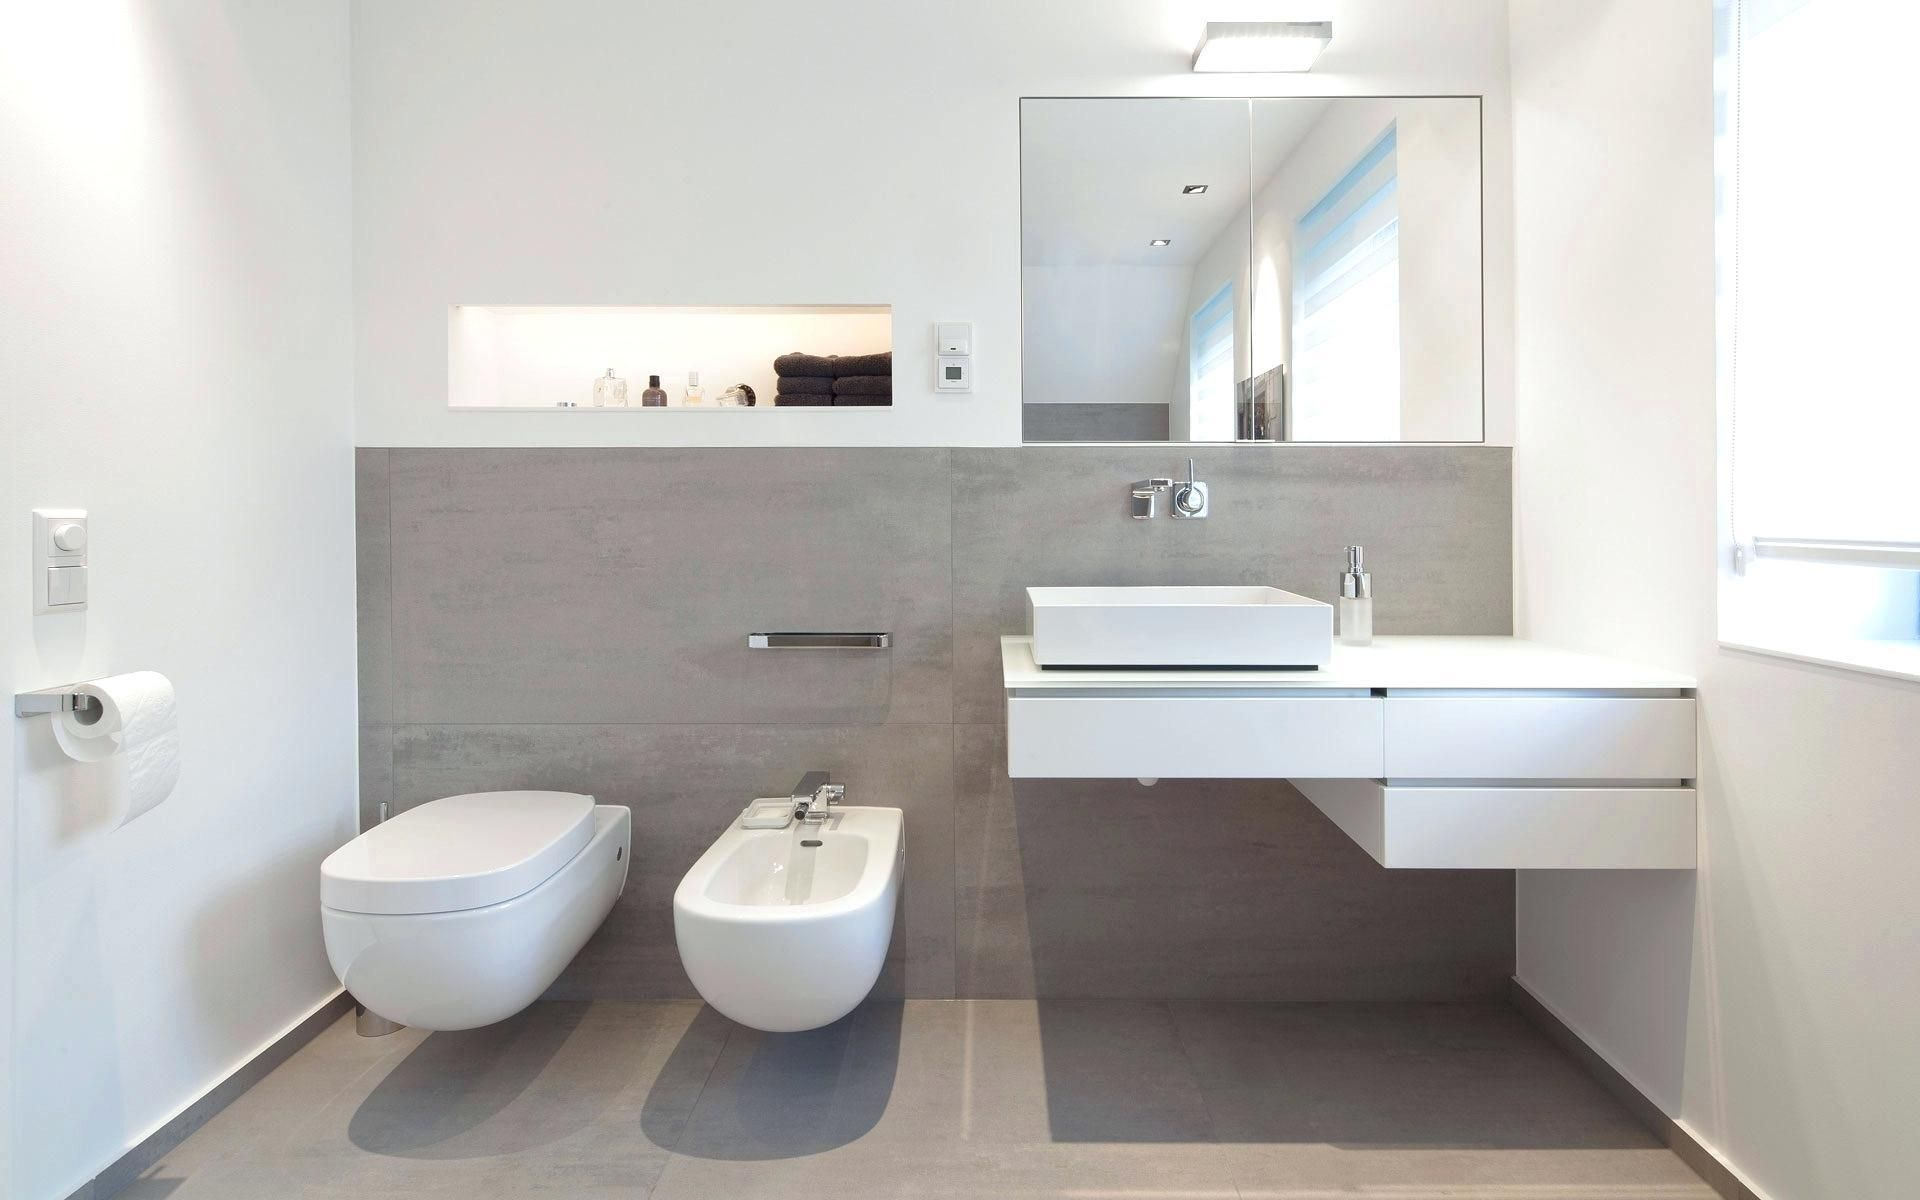 Beste Von Kleines Bad Fliesen Konzept Wohnzimmer Ideen Von Kleines Badezimmer Fliesen Ideen Kleine Gaste Wc Kleines Bad Fliesen Badezimmer Fliesen Ideen Bilder